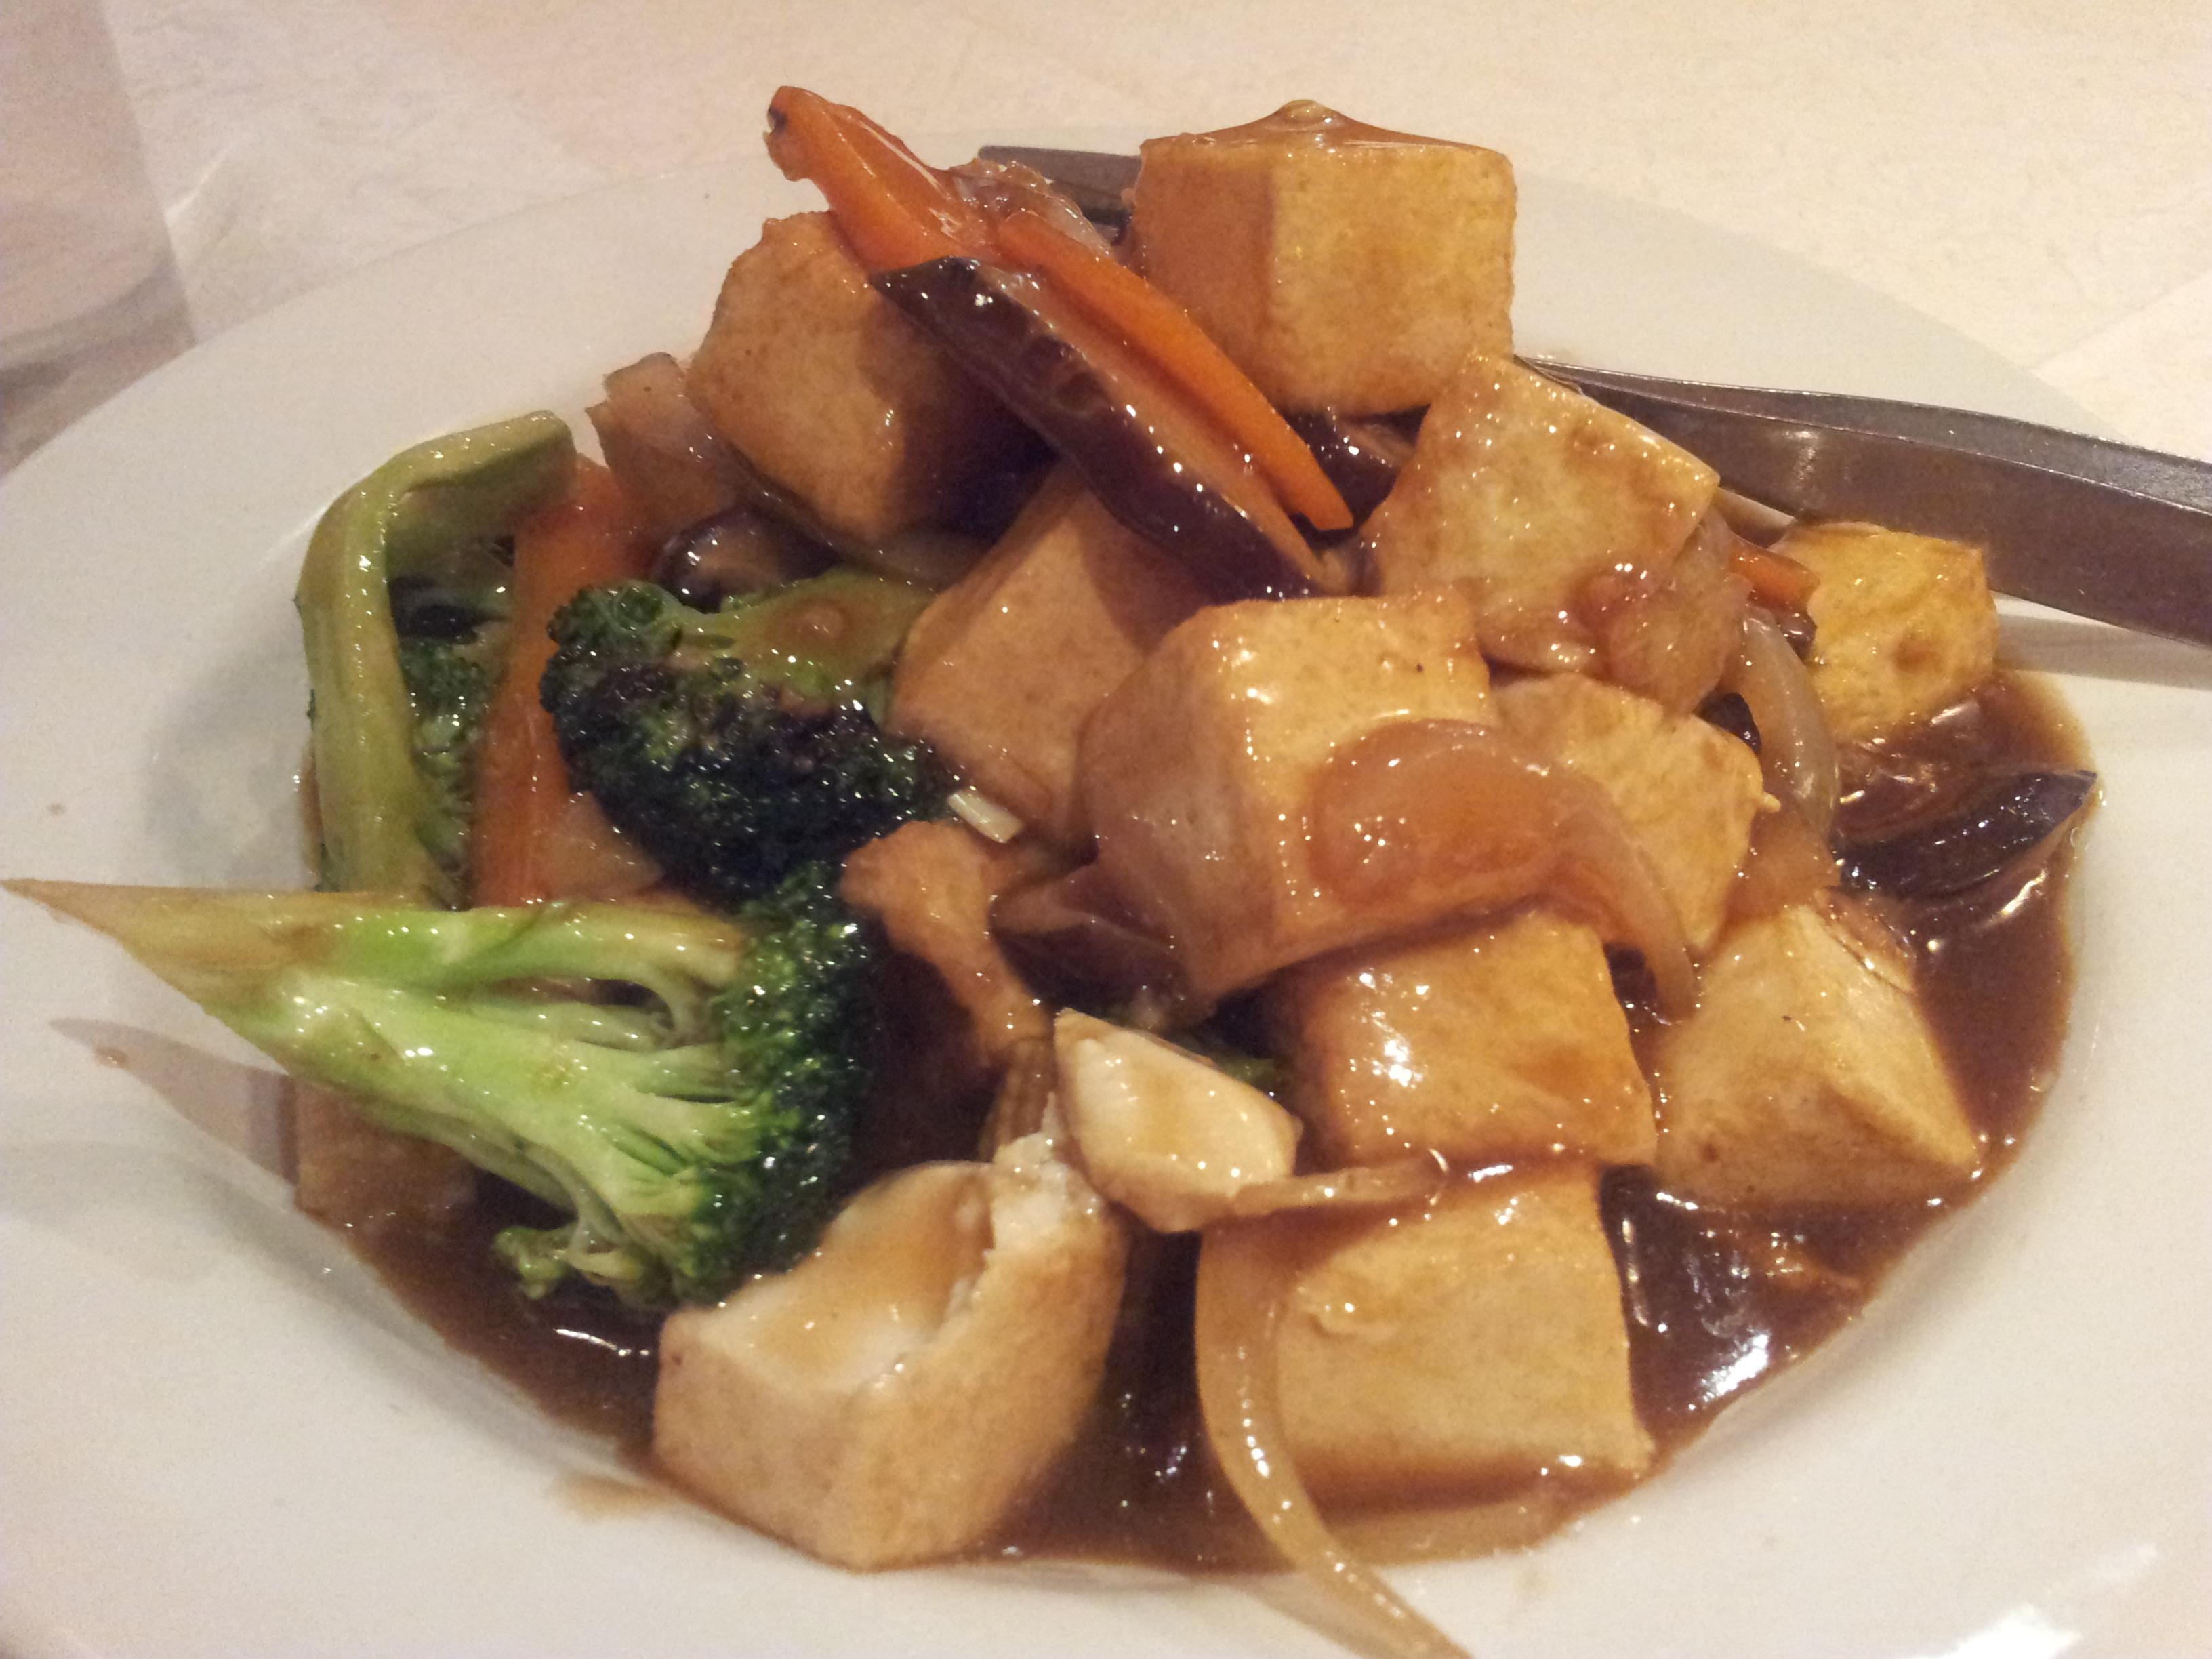 Ravintola China, Helsingfors: tofua, parsakaalia ja siitakesieniä